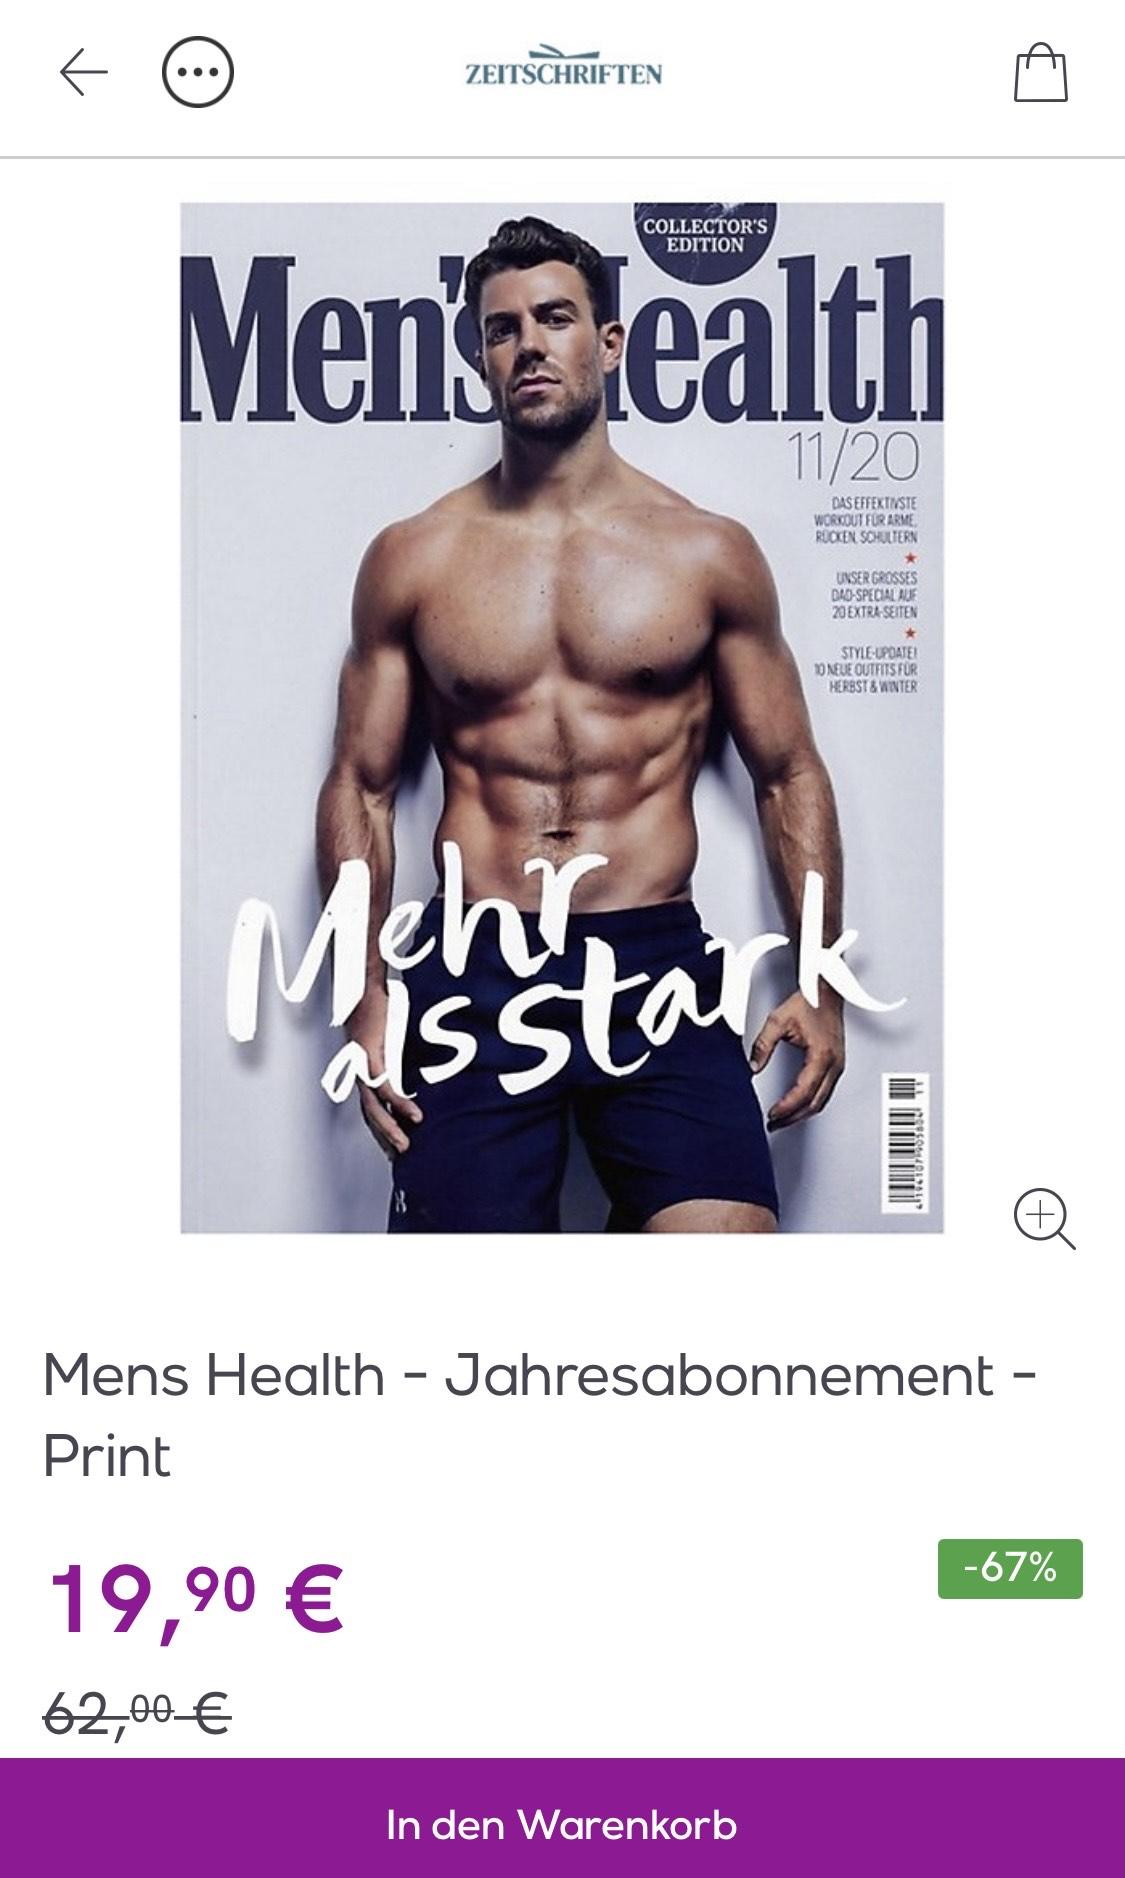 Veepee: Mens Health - Jahresabonnement - Print ; alternativ auch den Playboy (: